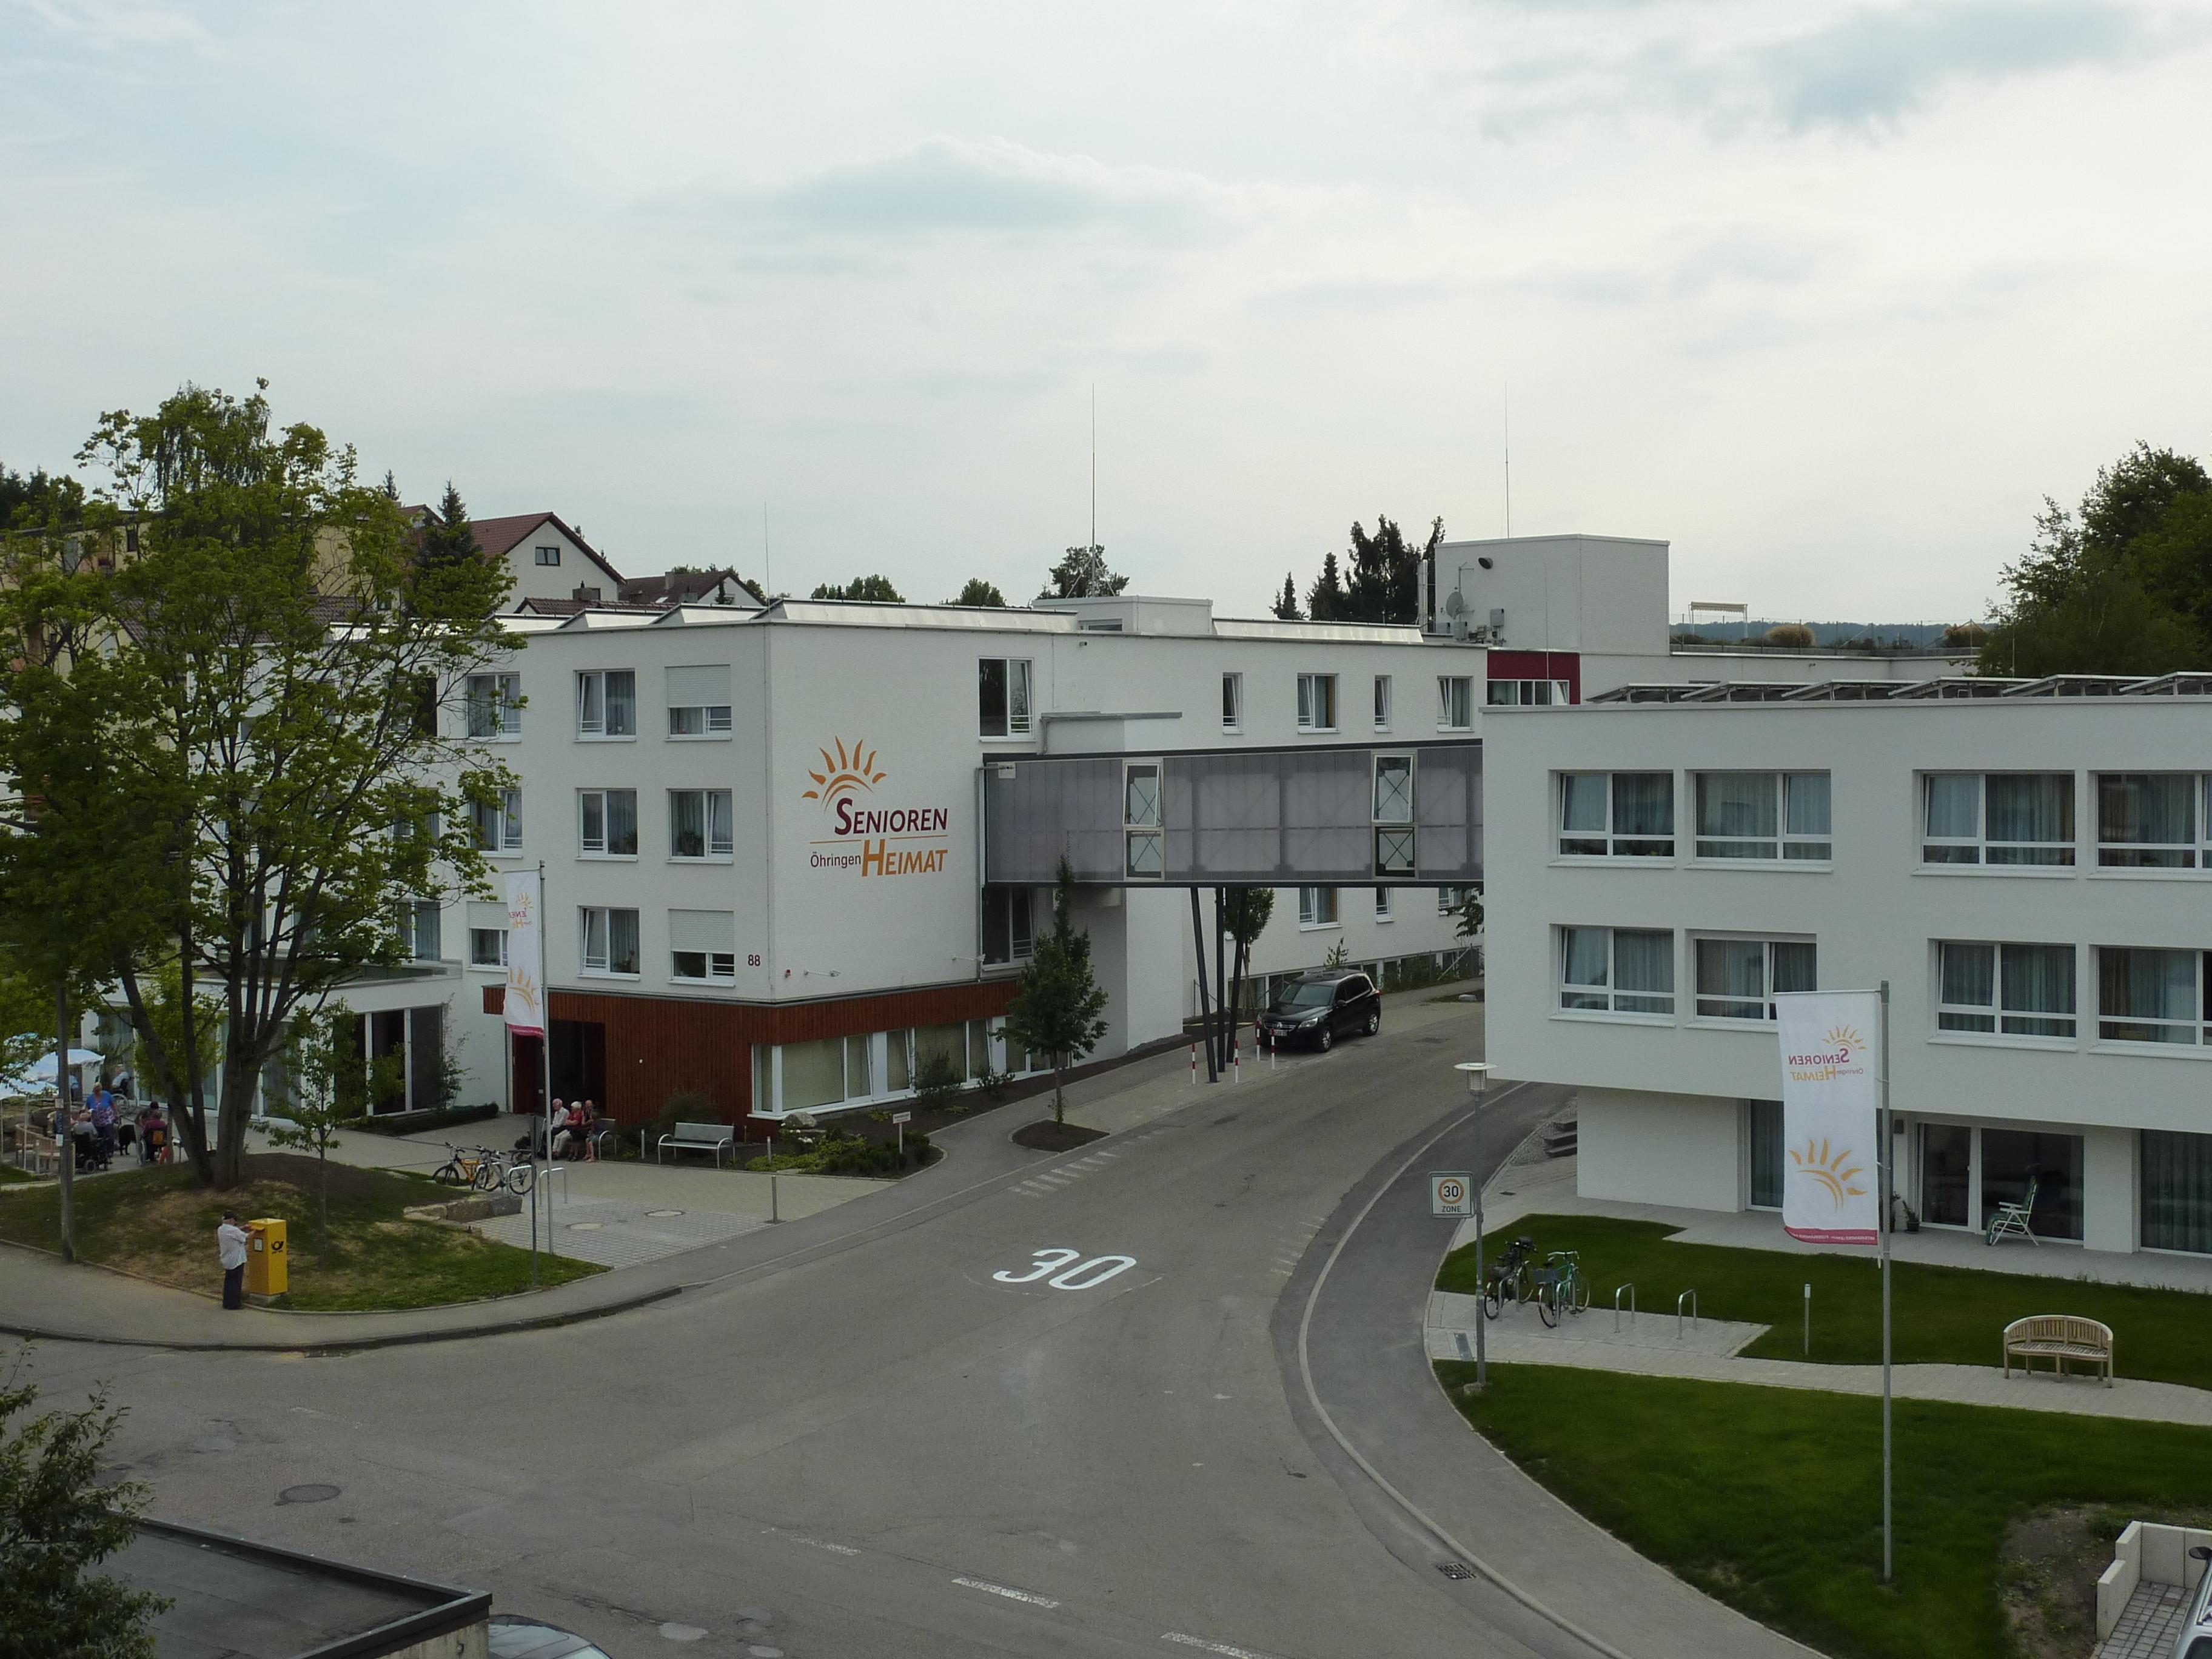 Seniorenheimat Öhringen